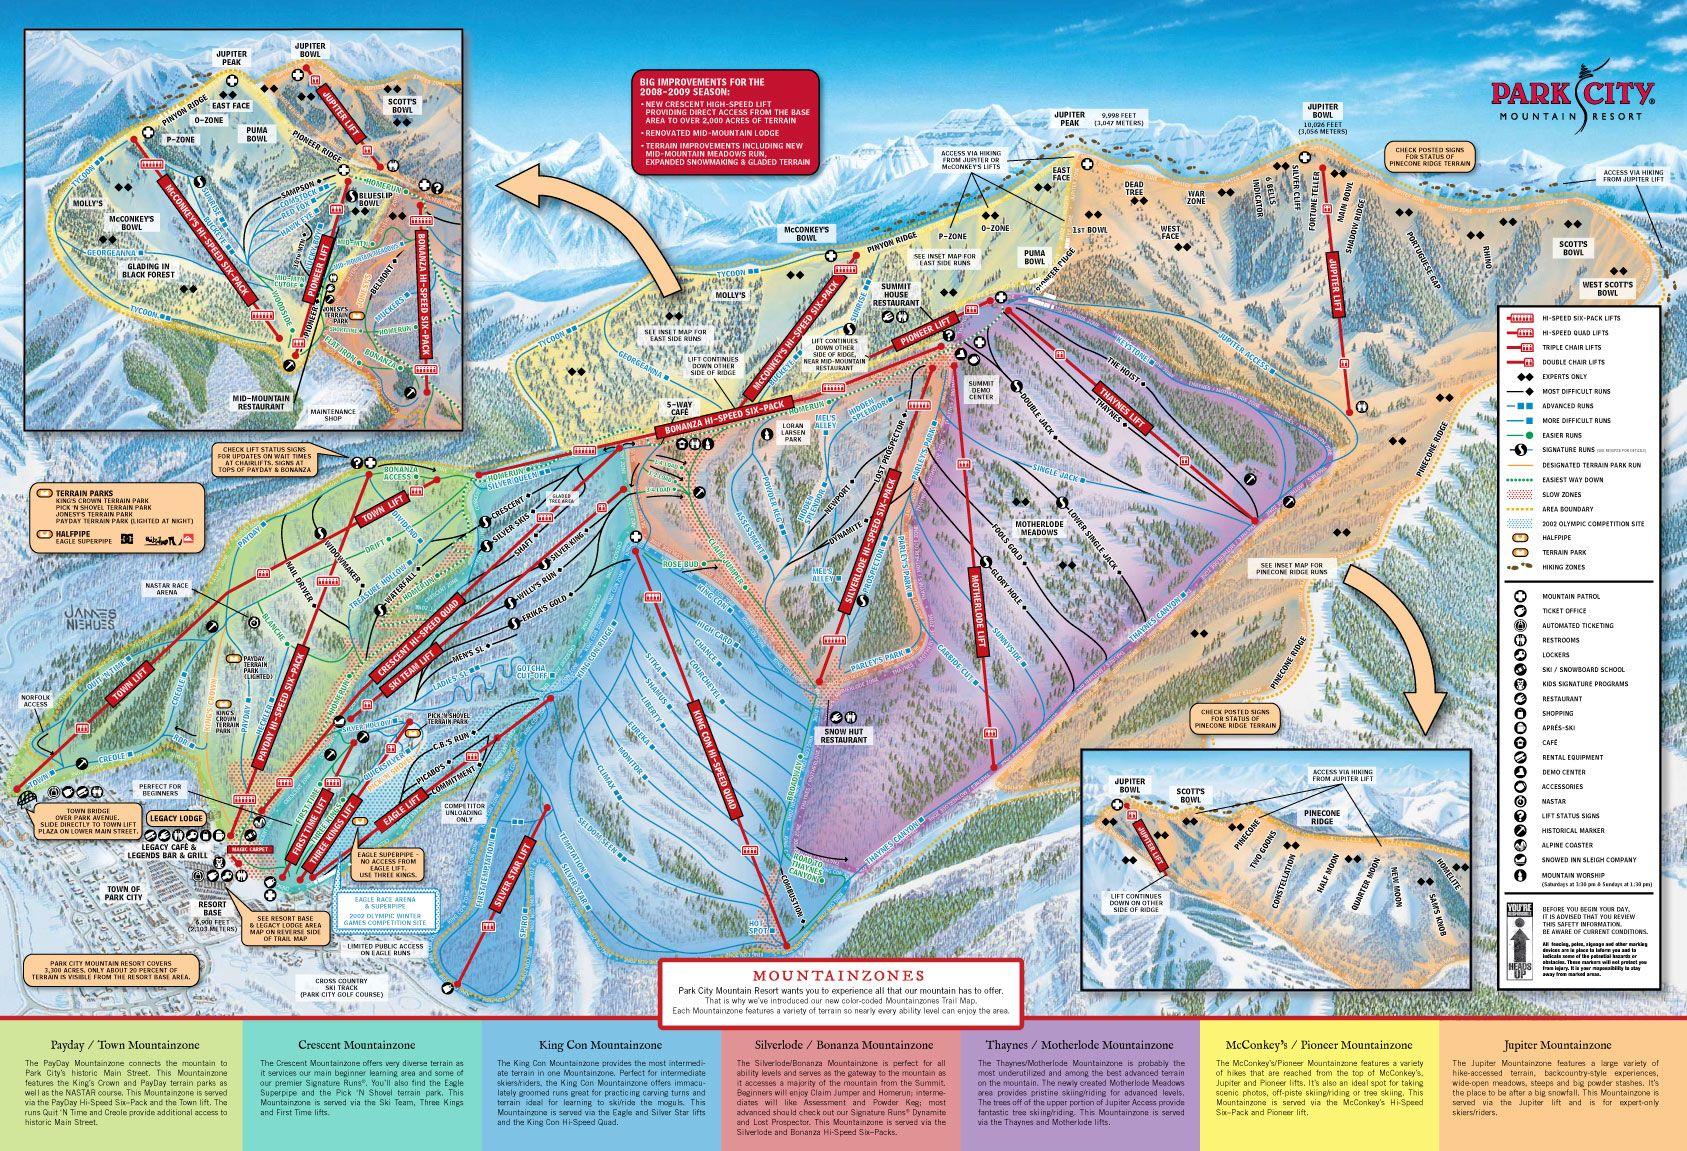 Canyons trail map park city utah park city utah trip